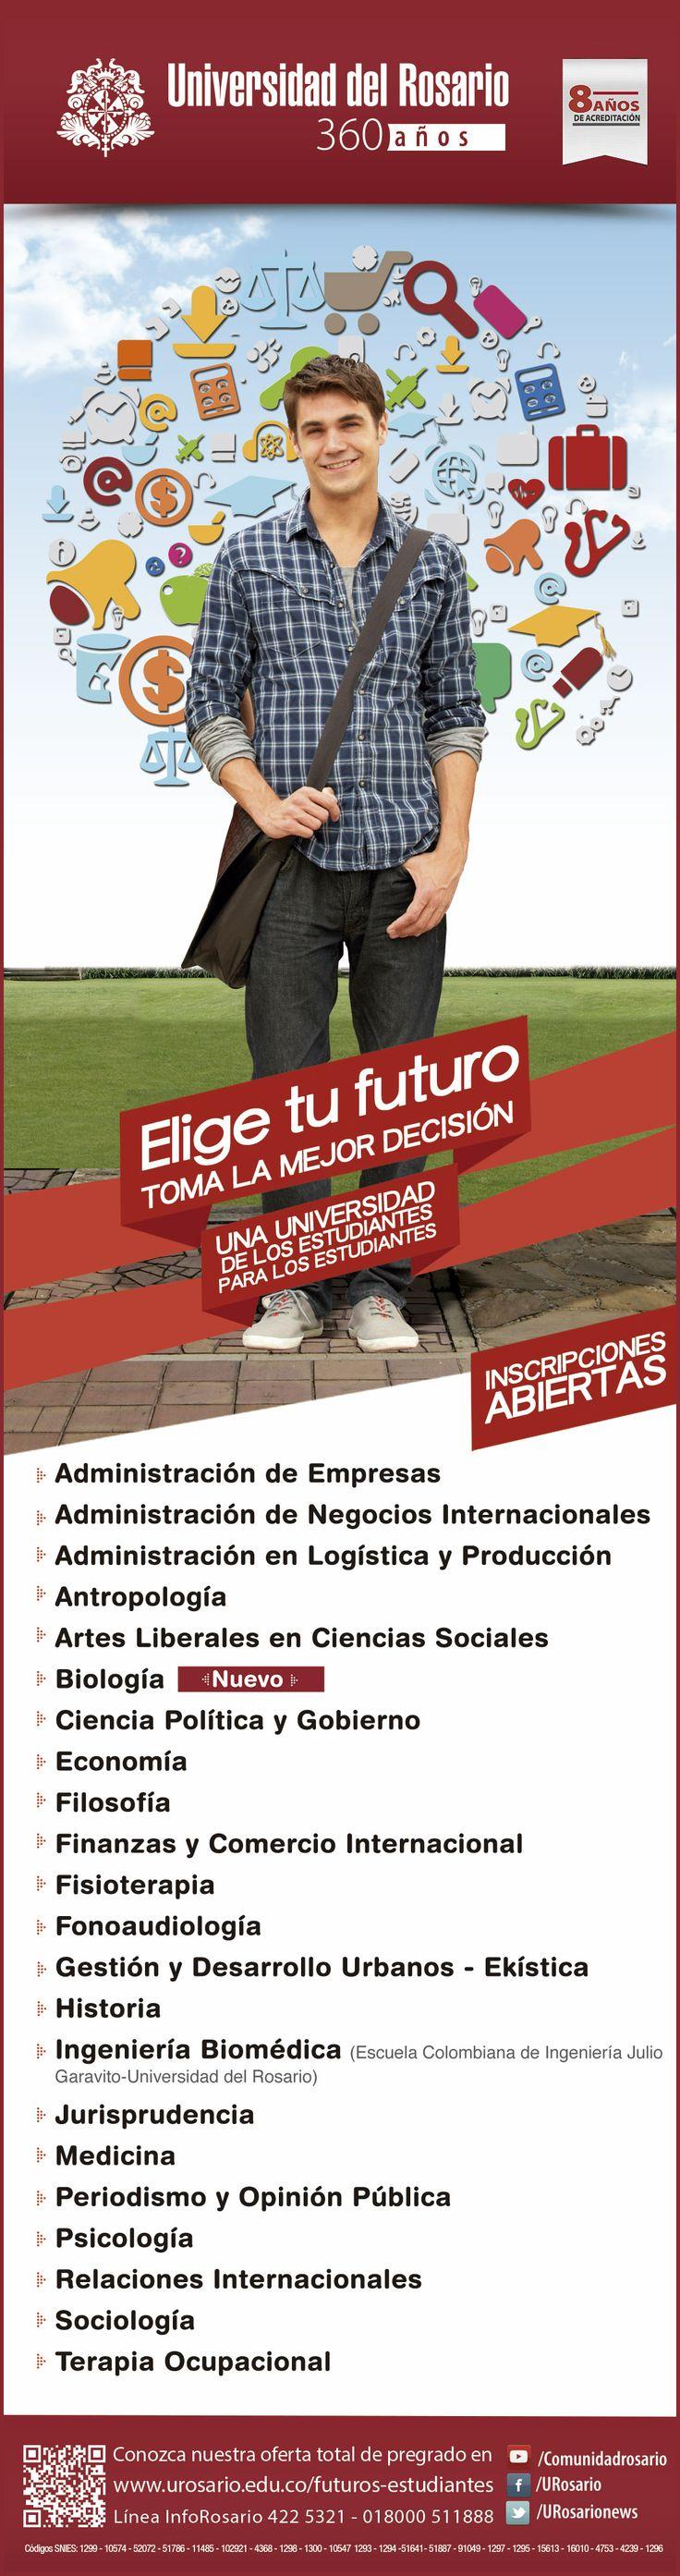 Aviso pregrado Universidad Del Rosario medio El Tiempo